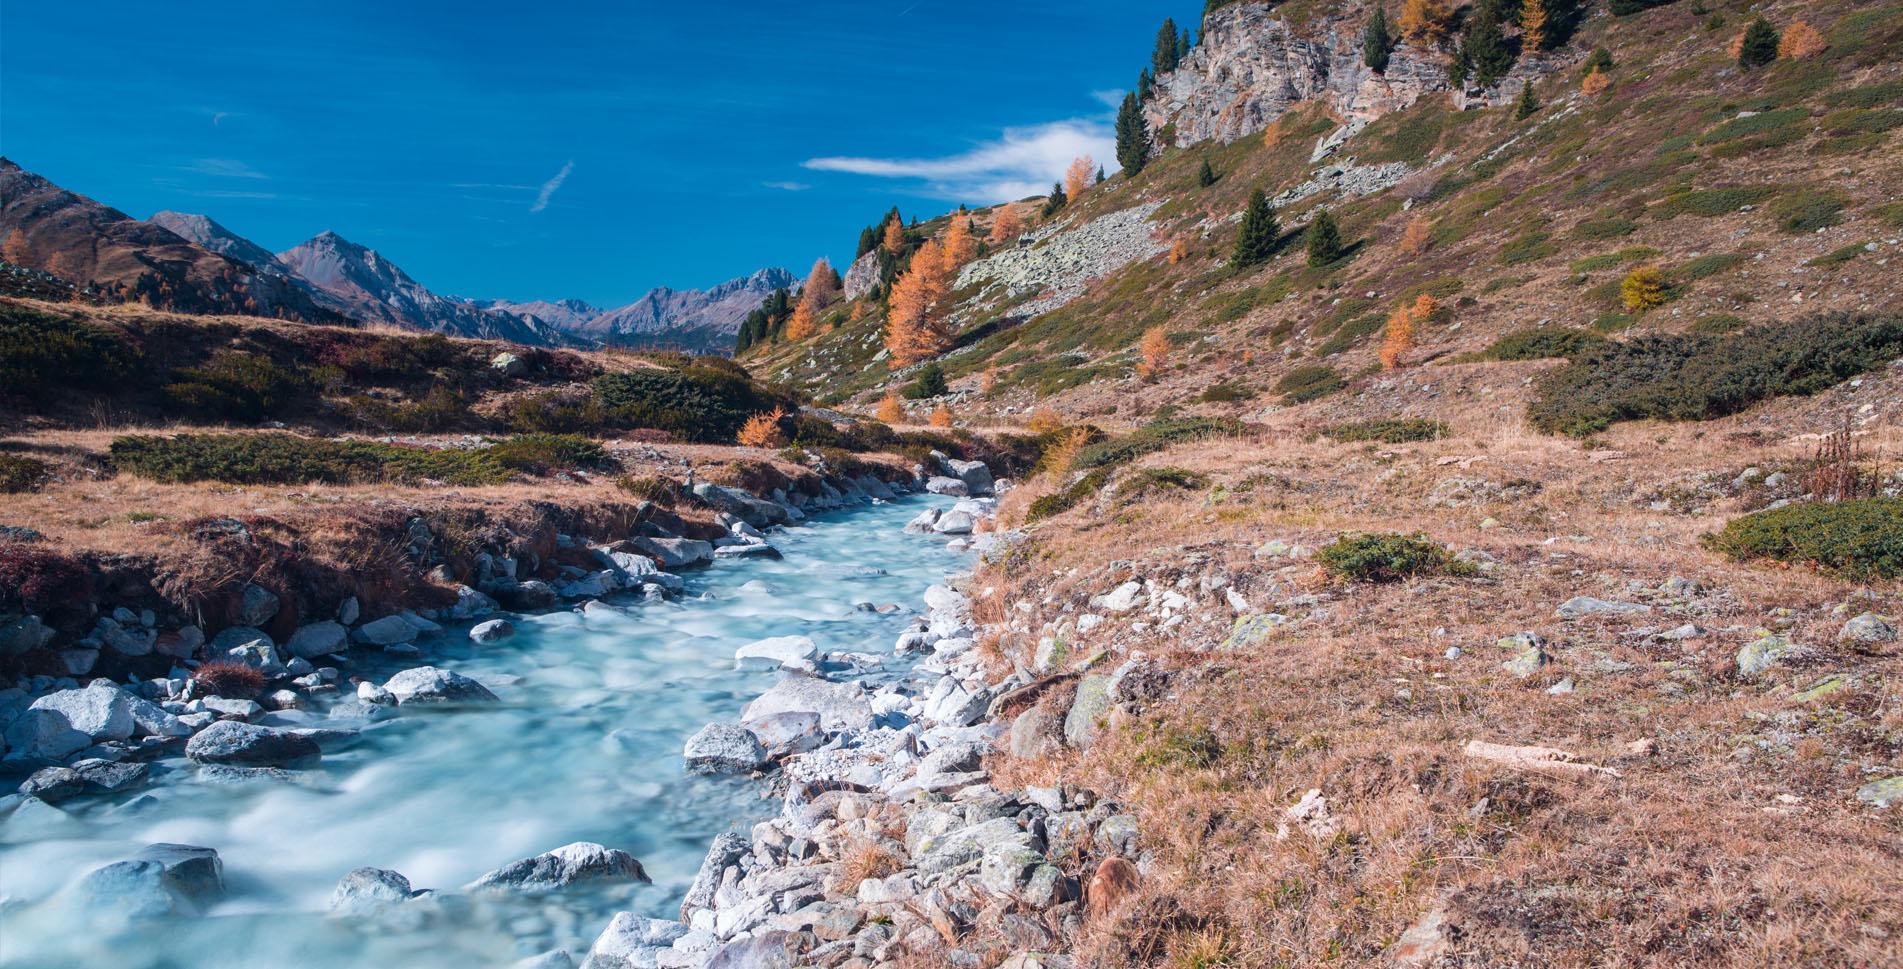 UNESCO Biosfera Val Müstair Parc Naziunal im Engadin, Graubünden